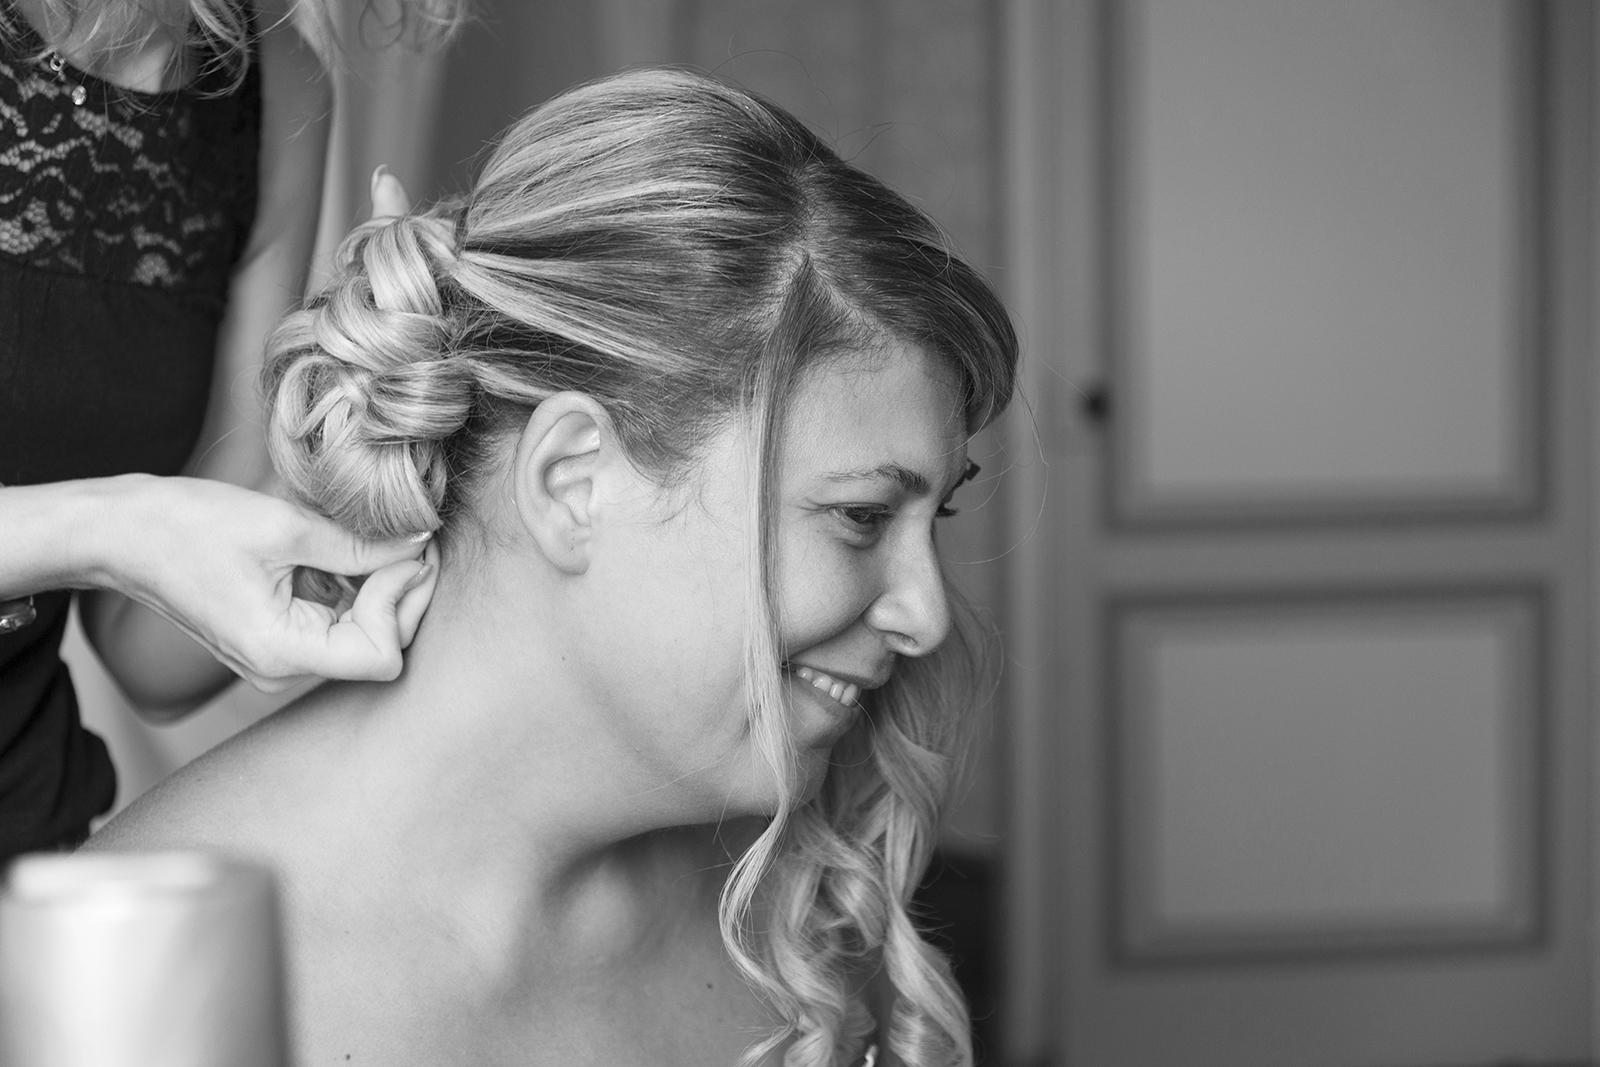 coiffure mariée en noir et blanc